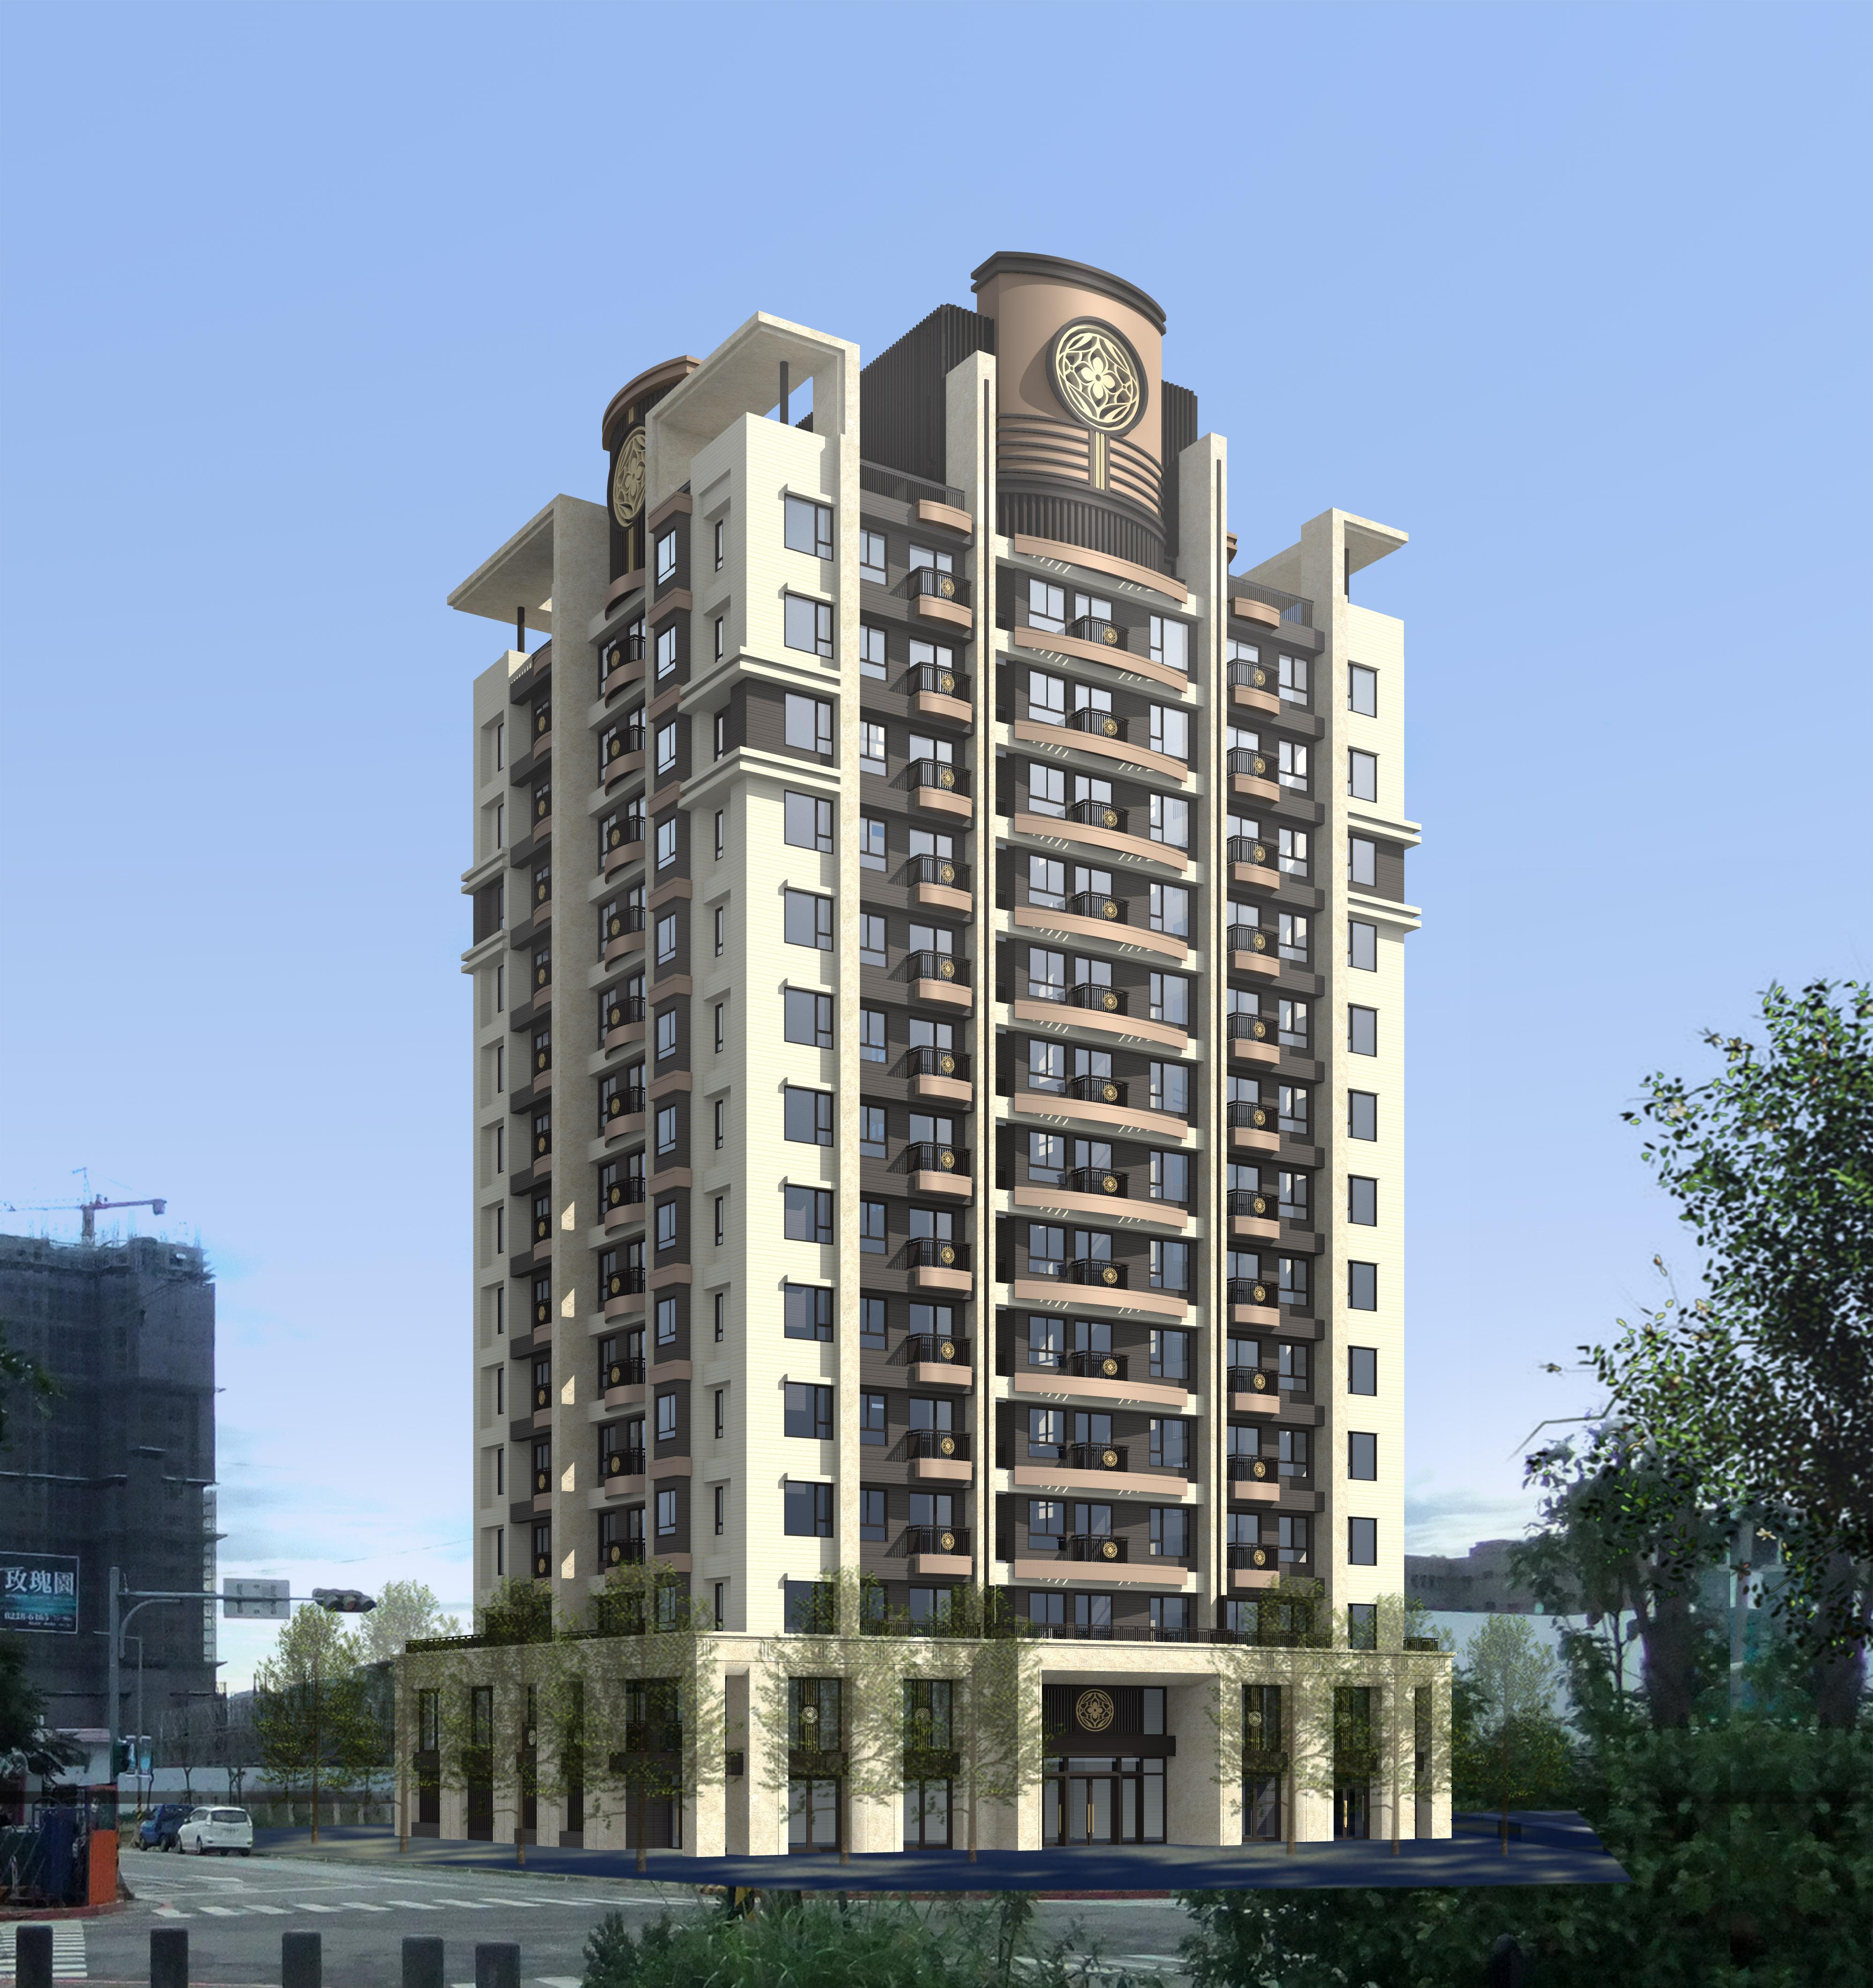 Farglory Zhonghe Hwachung Bridge Housing